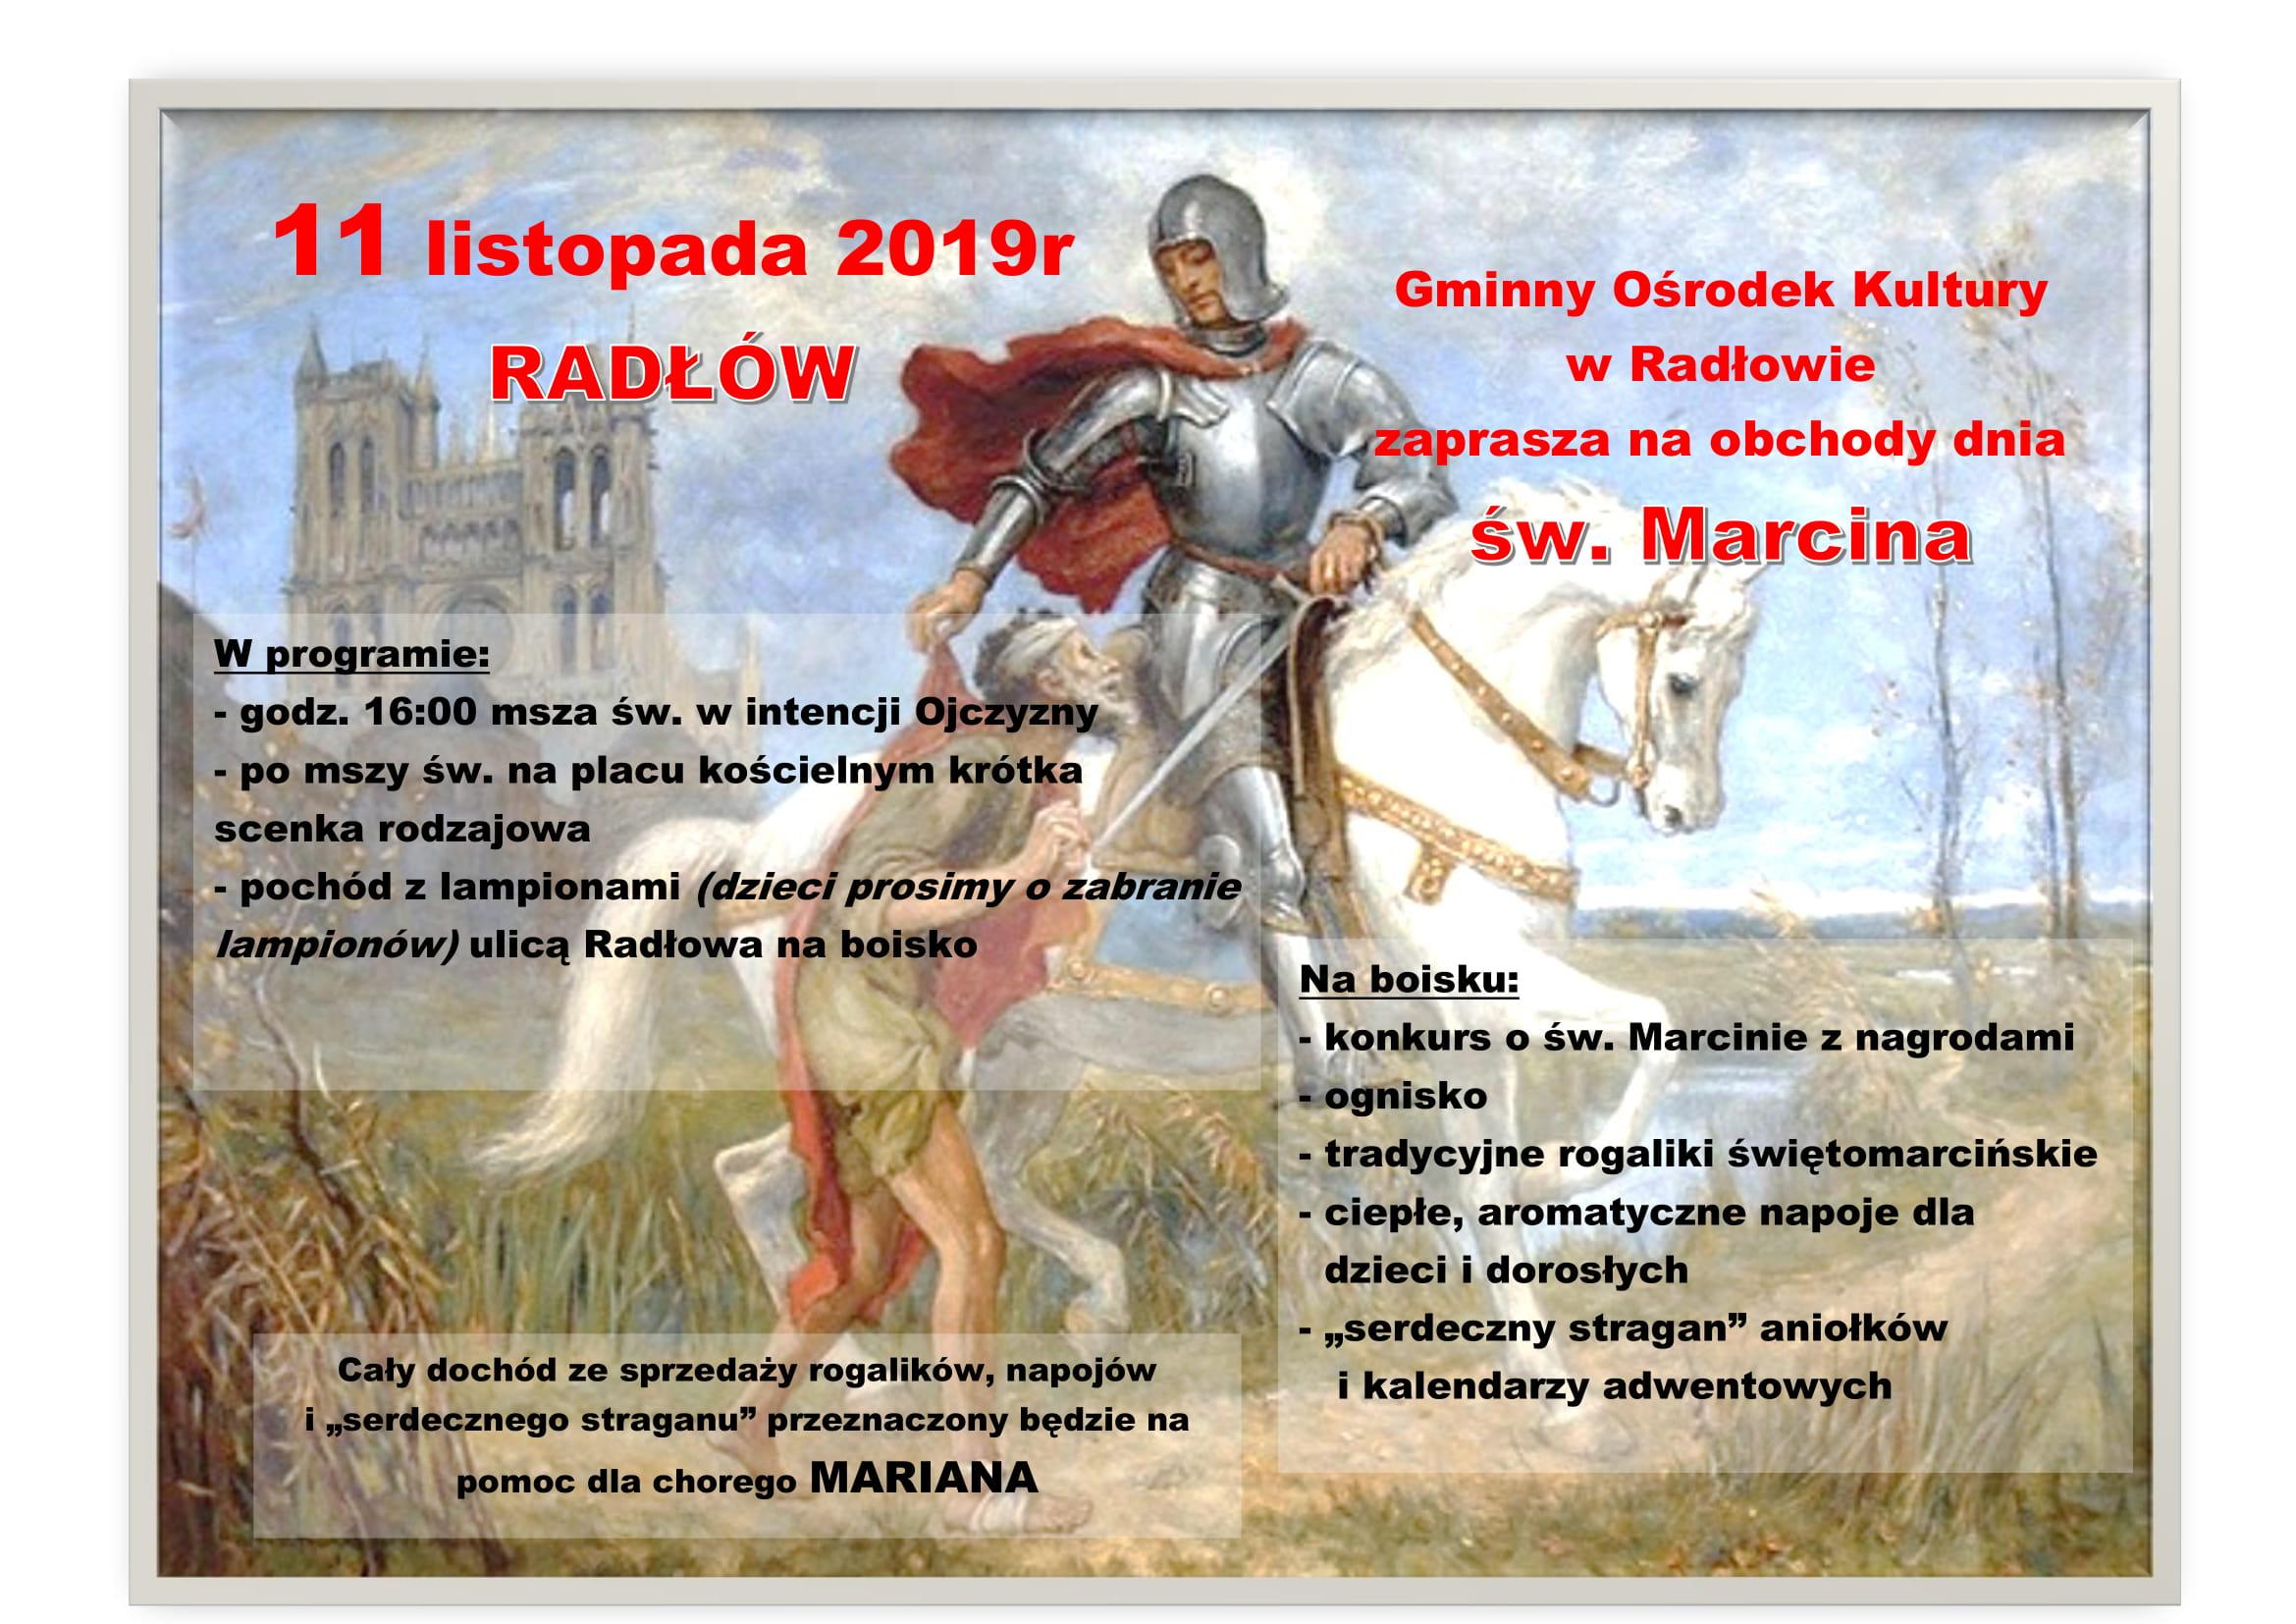 radlow